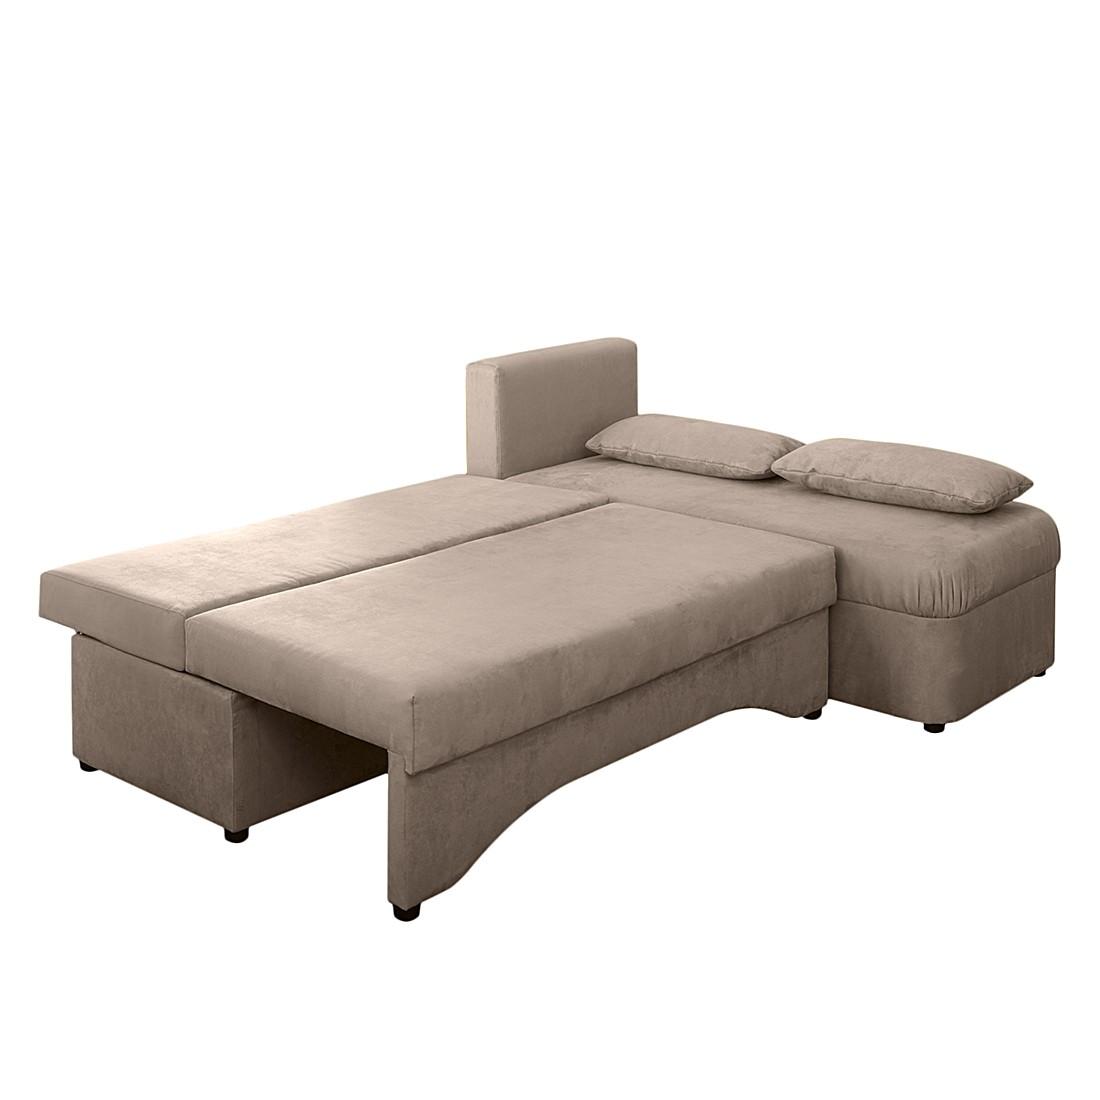 Sofa Billig Kaufen Gebraucht Das Beste Aus Wohndesign Und M Bel Inspiration